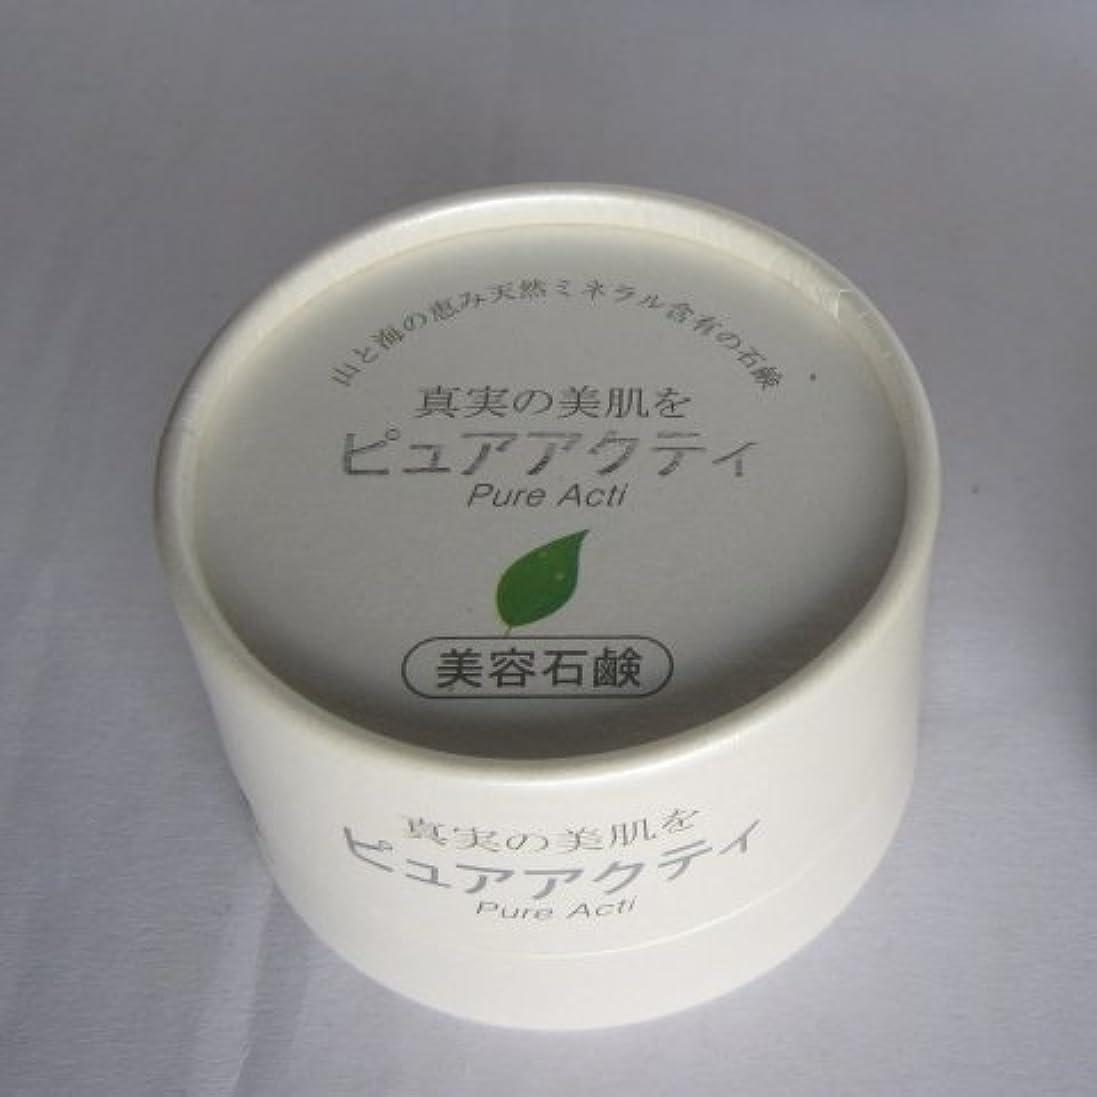 人工的な土ピュアアクティ(美容石鹸)